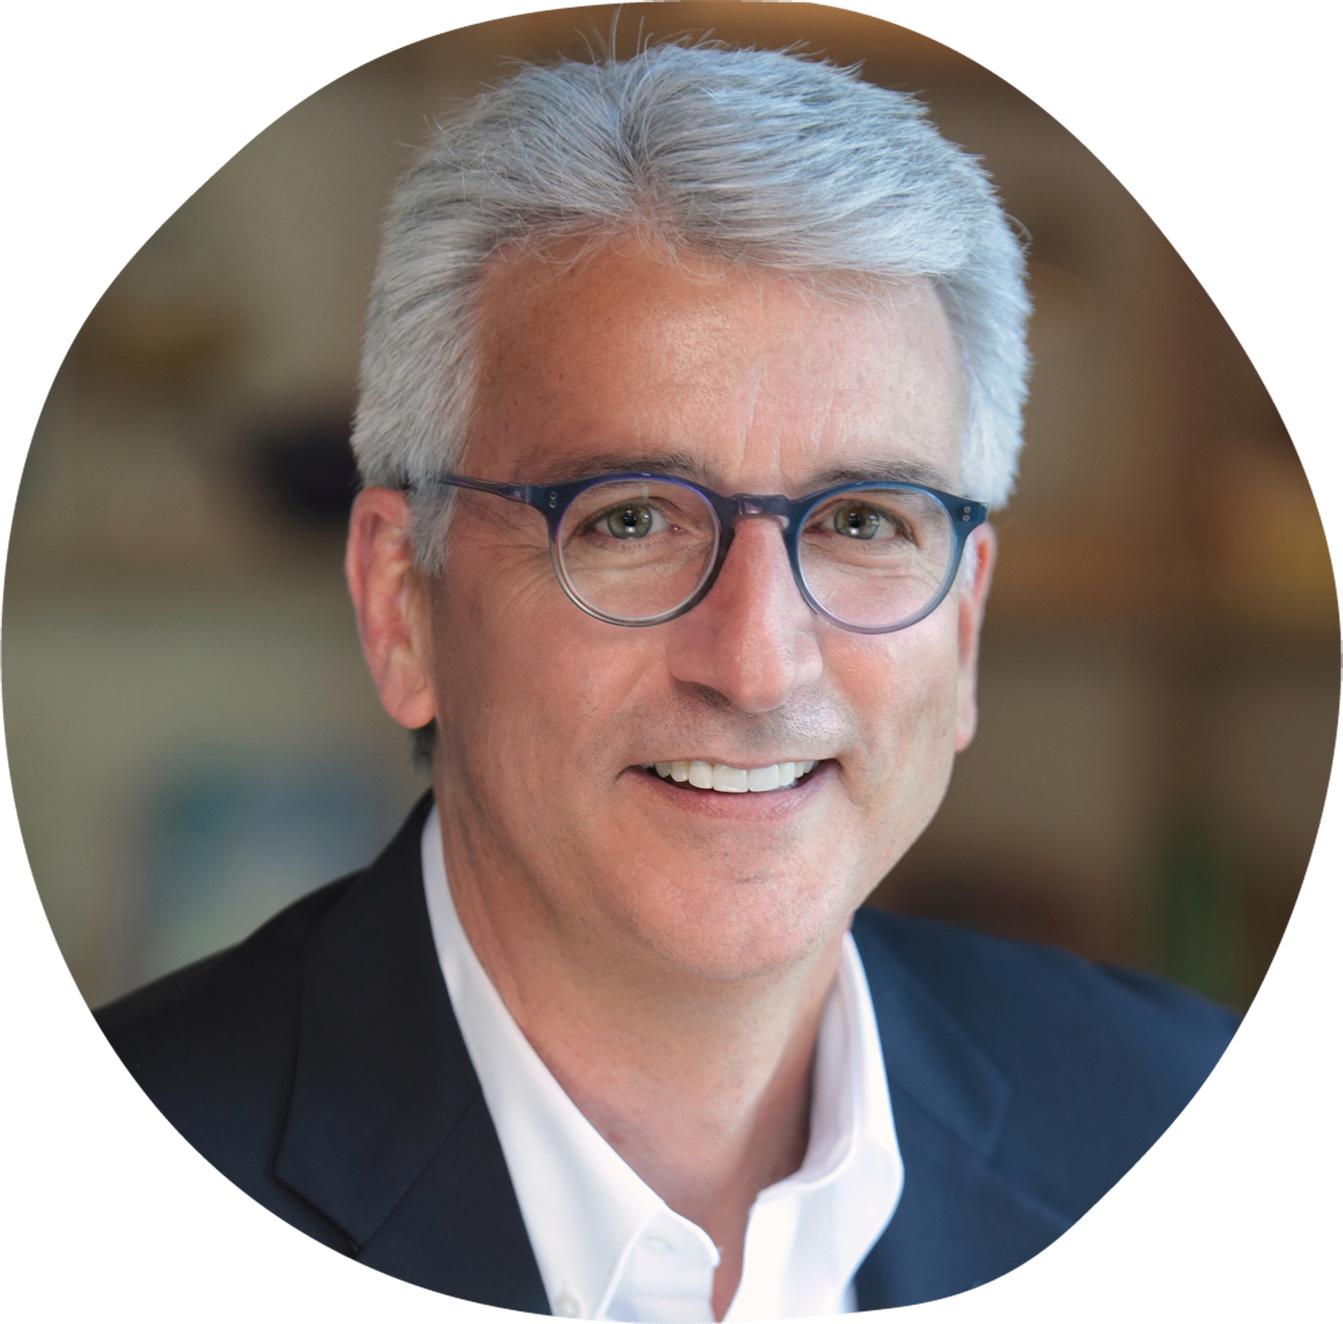 David Meddaugh  SVP, Bank of America Merrill Lynch